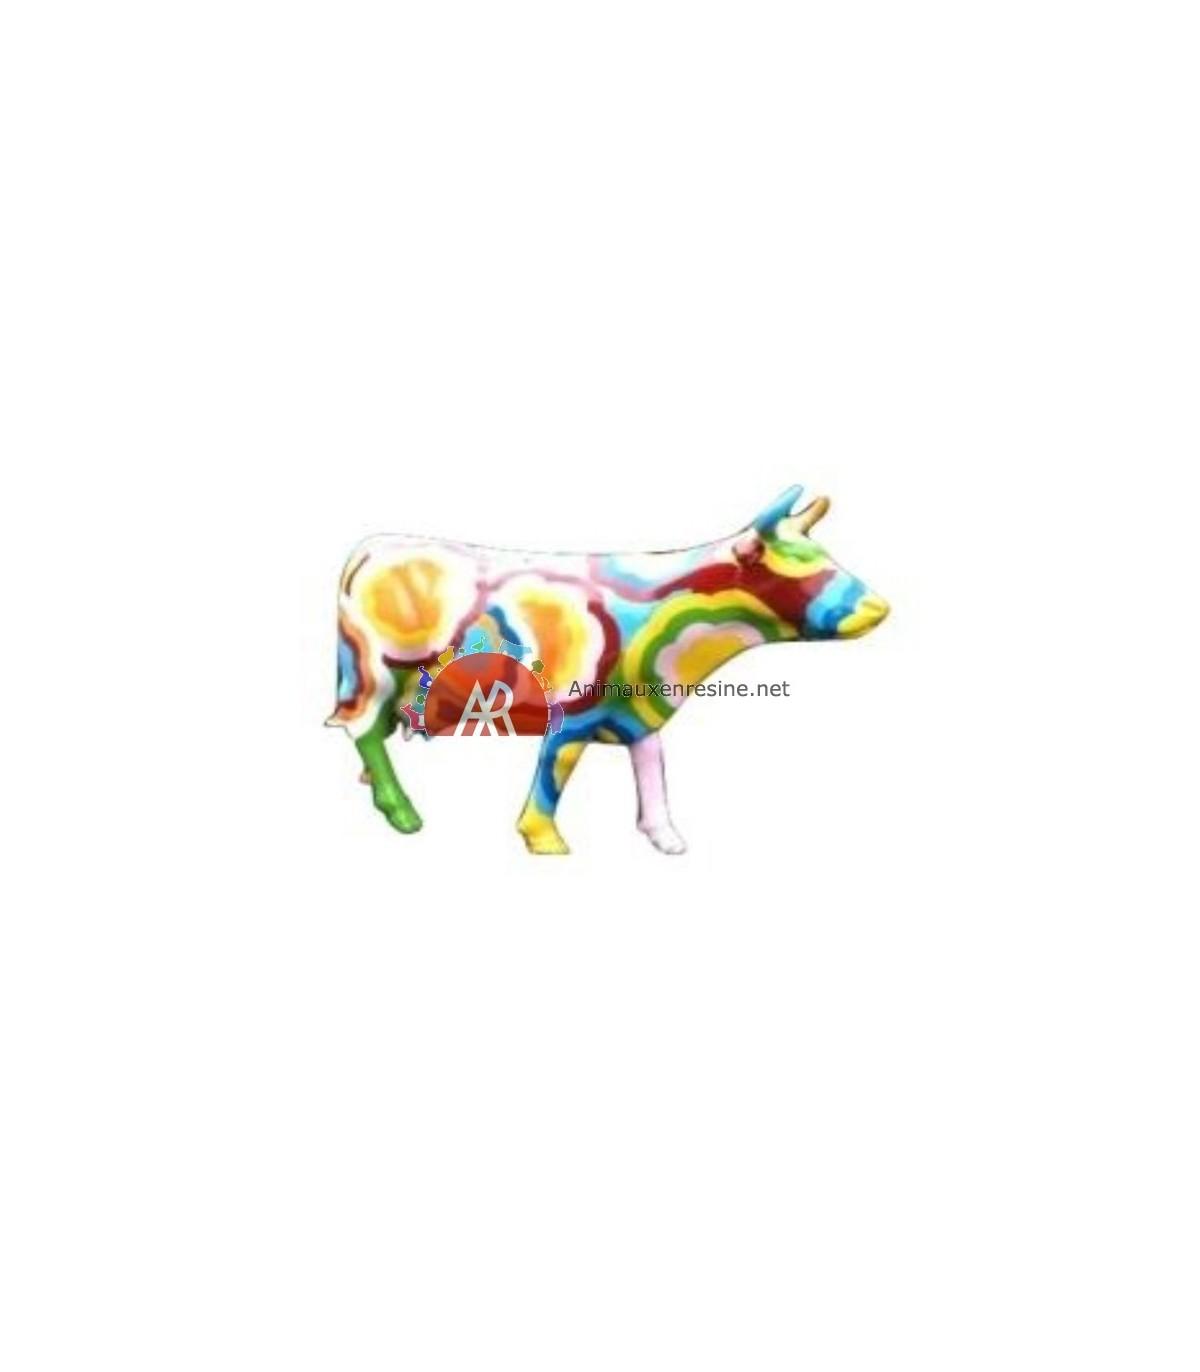 Vache Deco Couleurs Xxl En Résine Animauxenresinenet